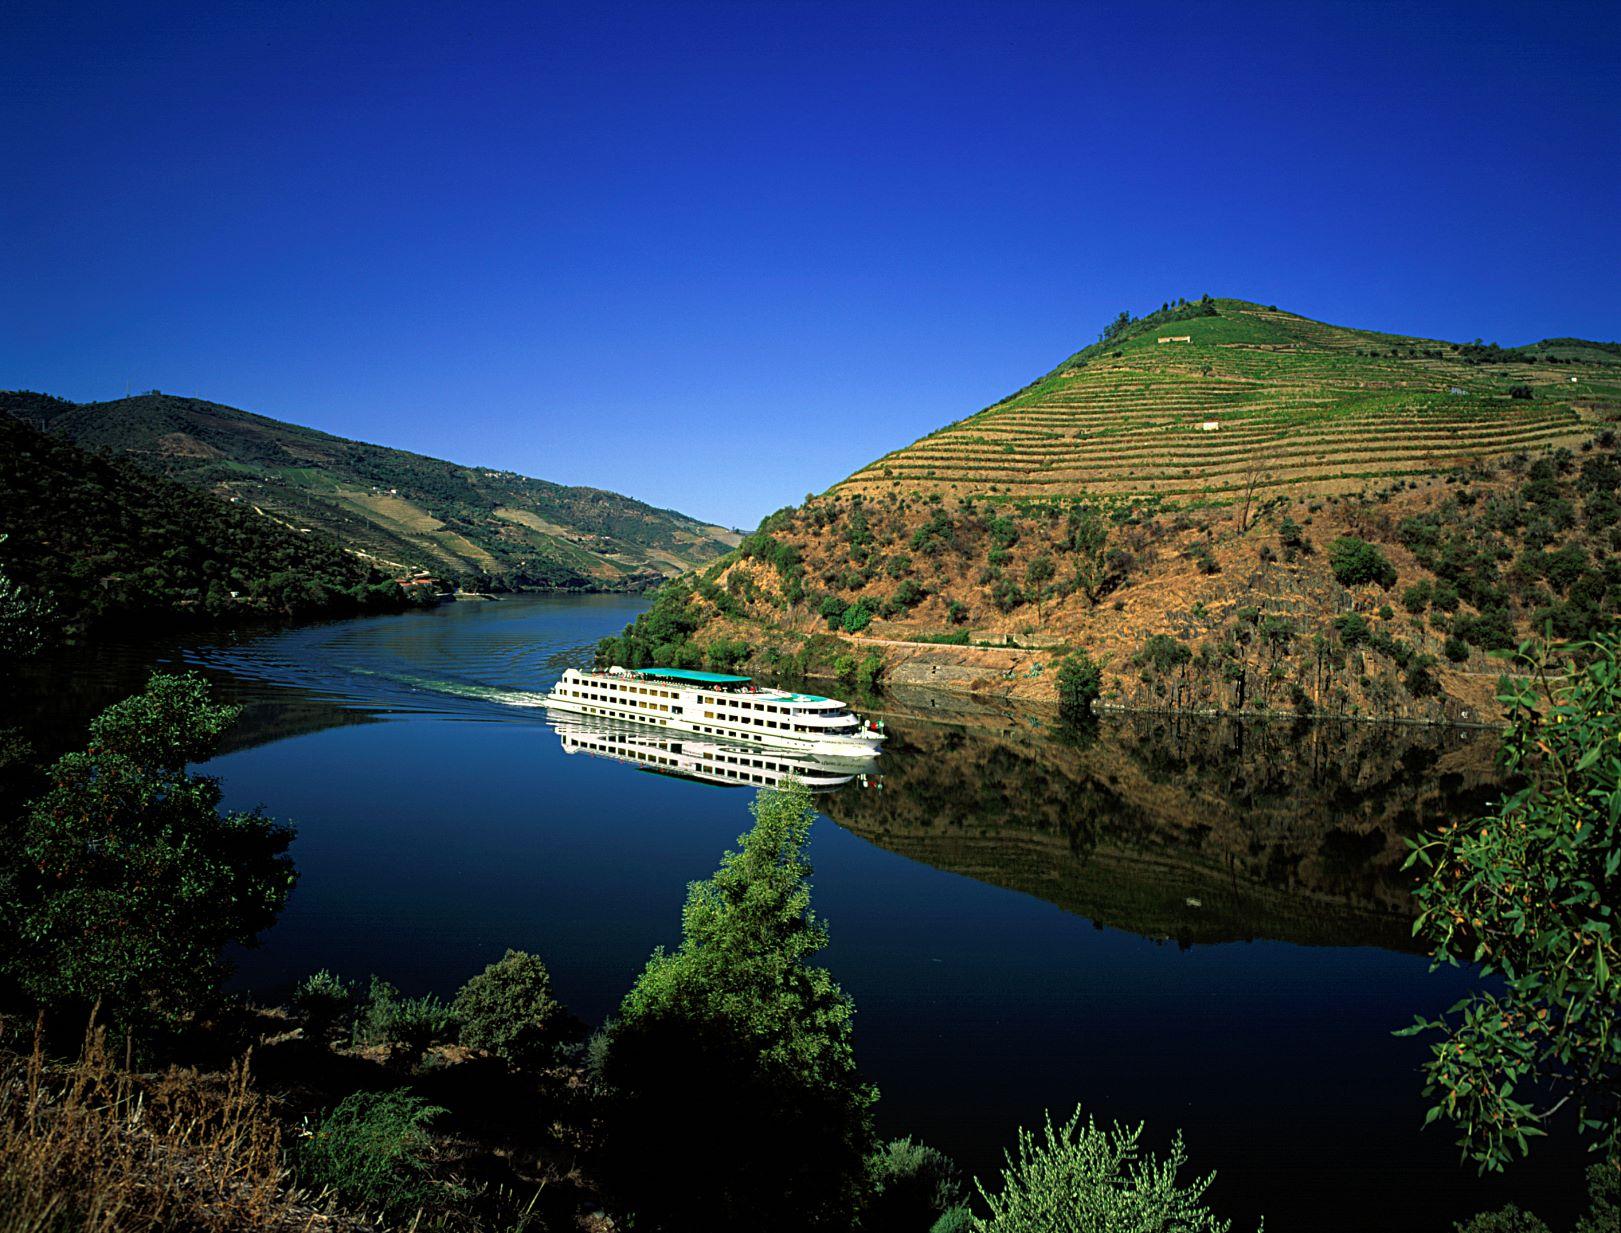 Valle-del-Douro